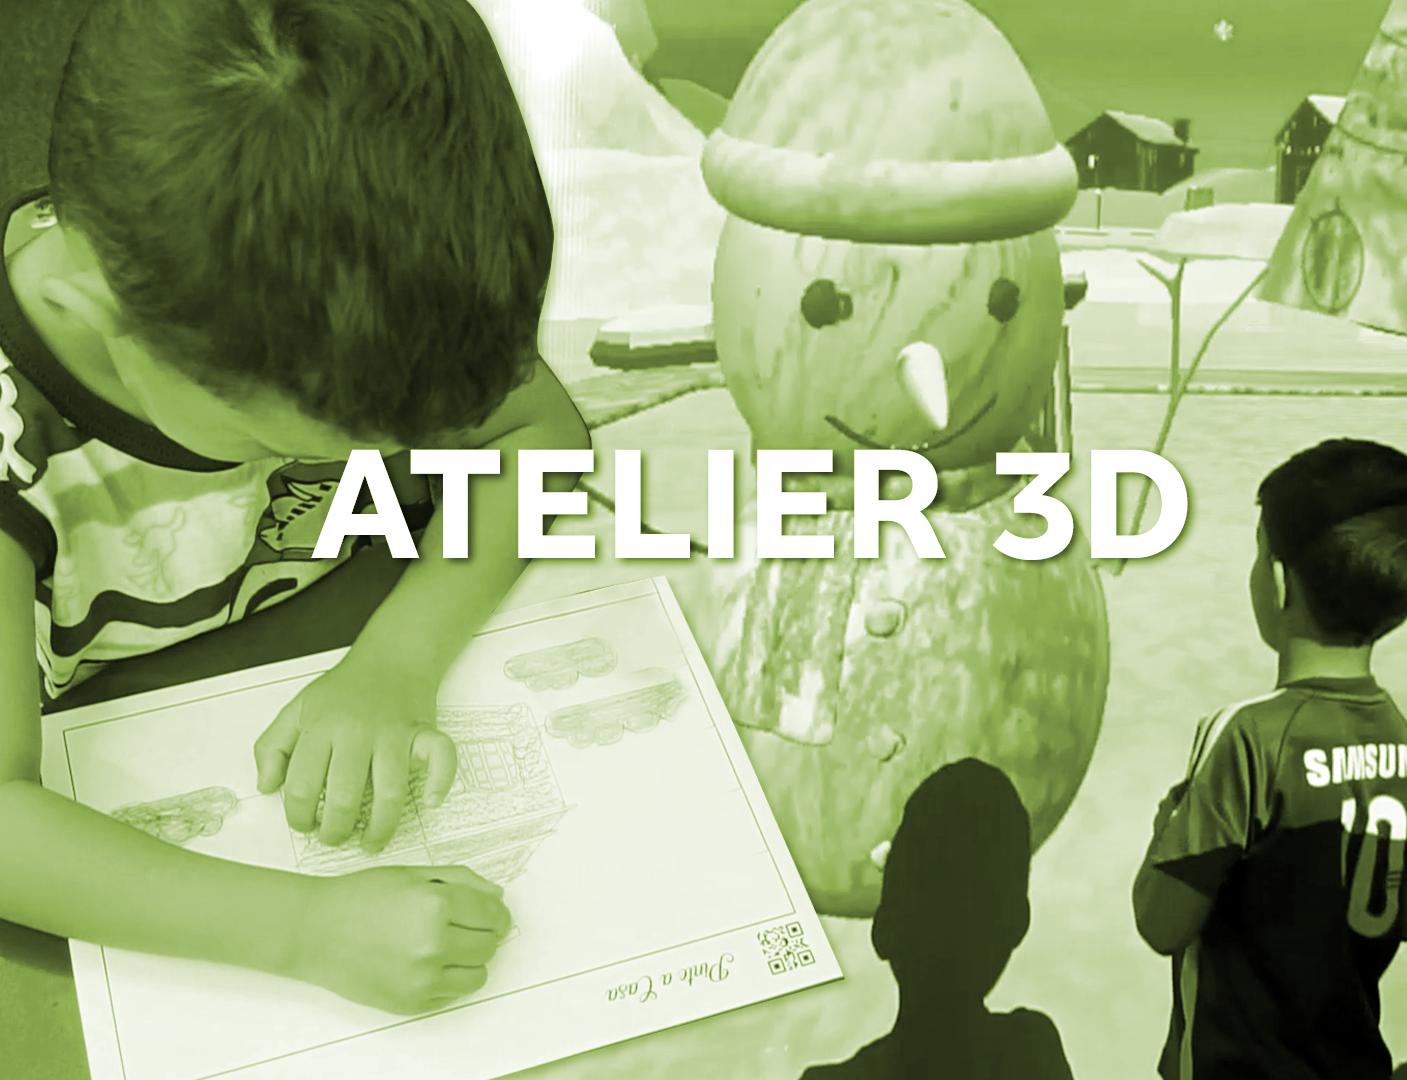 ATELIER 5D